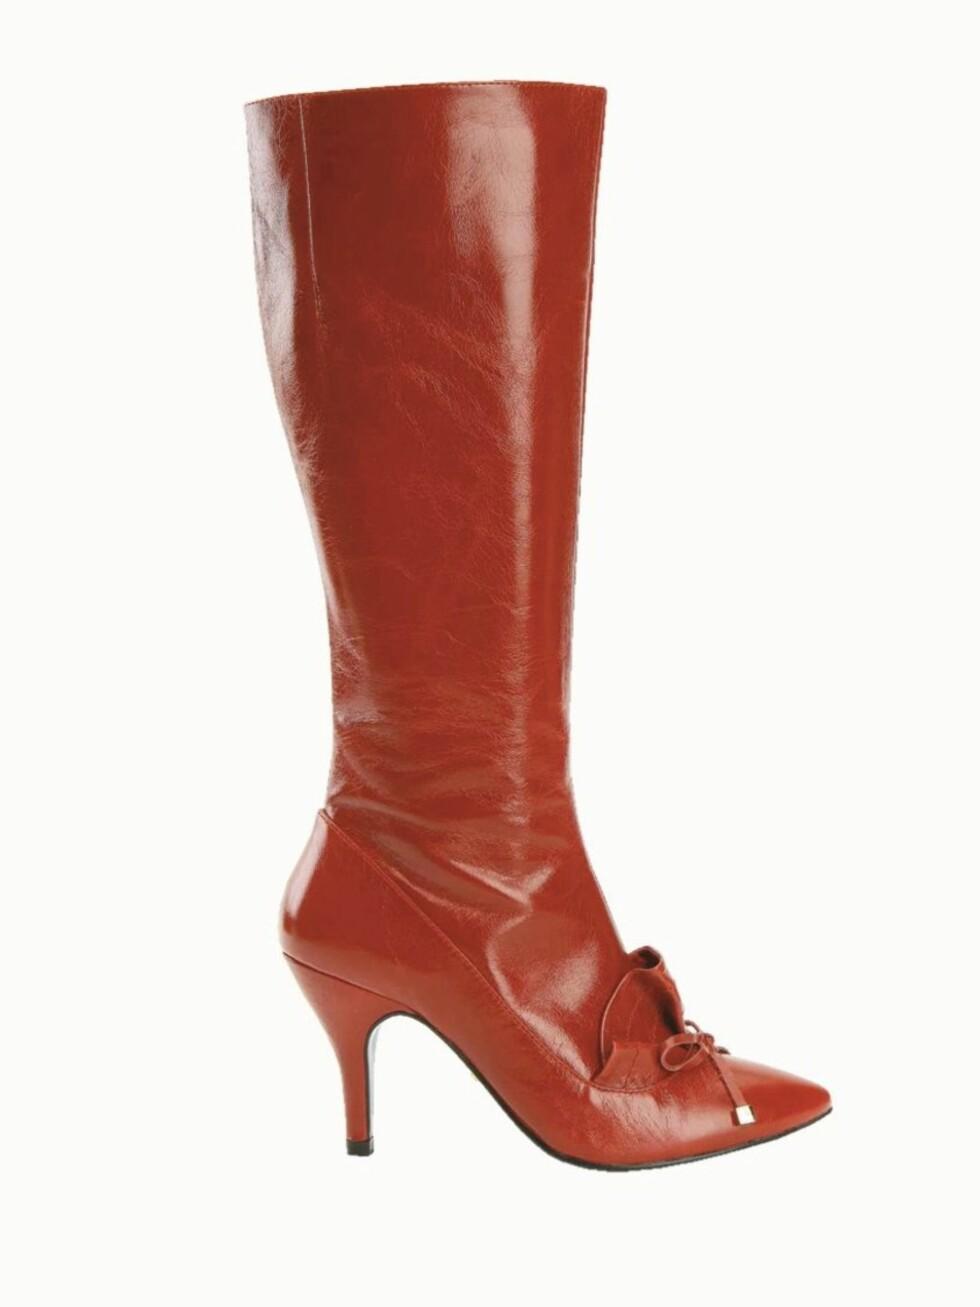 FLOTTE TIL SKJØRT: Skinn-støvlett med dekorasjoner foran og høy hæl (kr 1500, Friis Company). Foto: Wenche Hoel-Knai